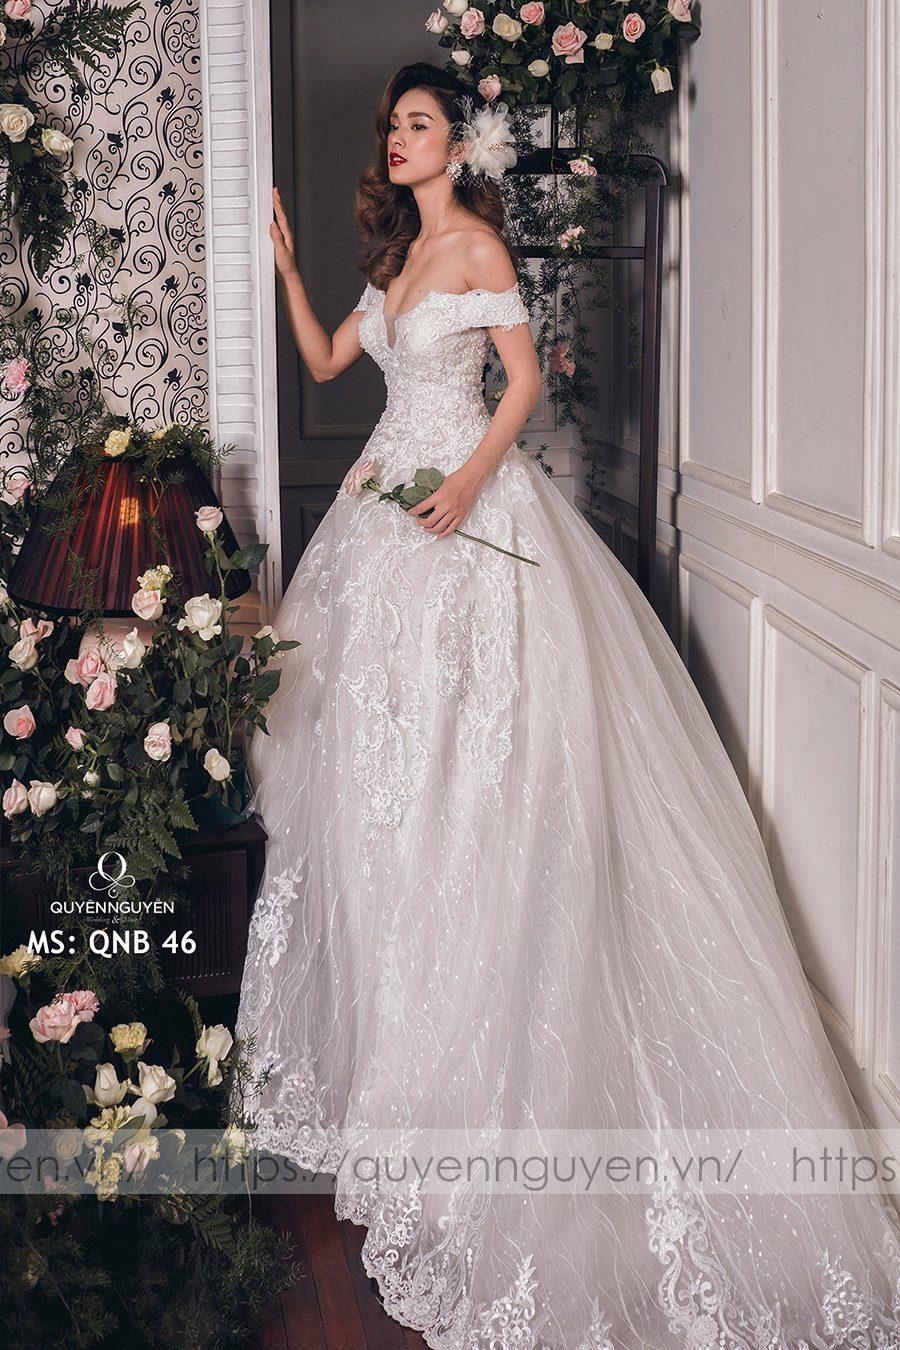 15 mẫu váy cưới đẹp nhất hiện nay